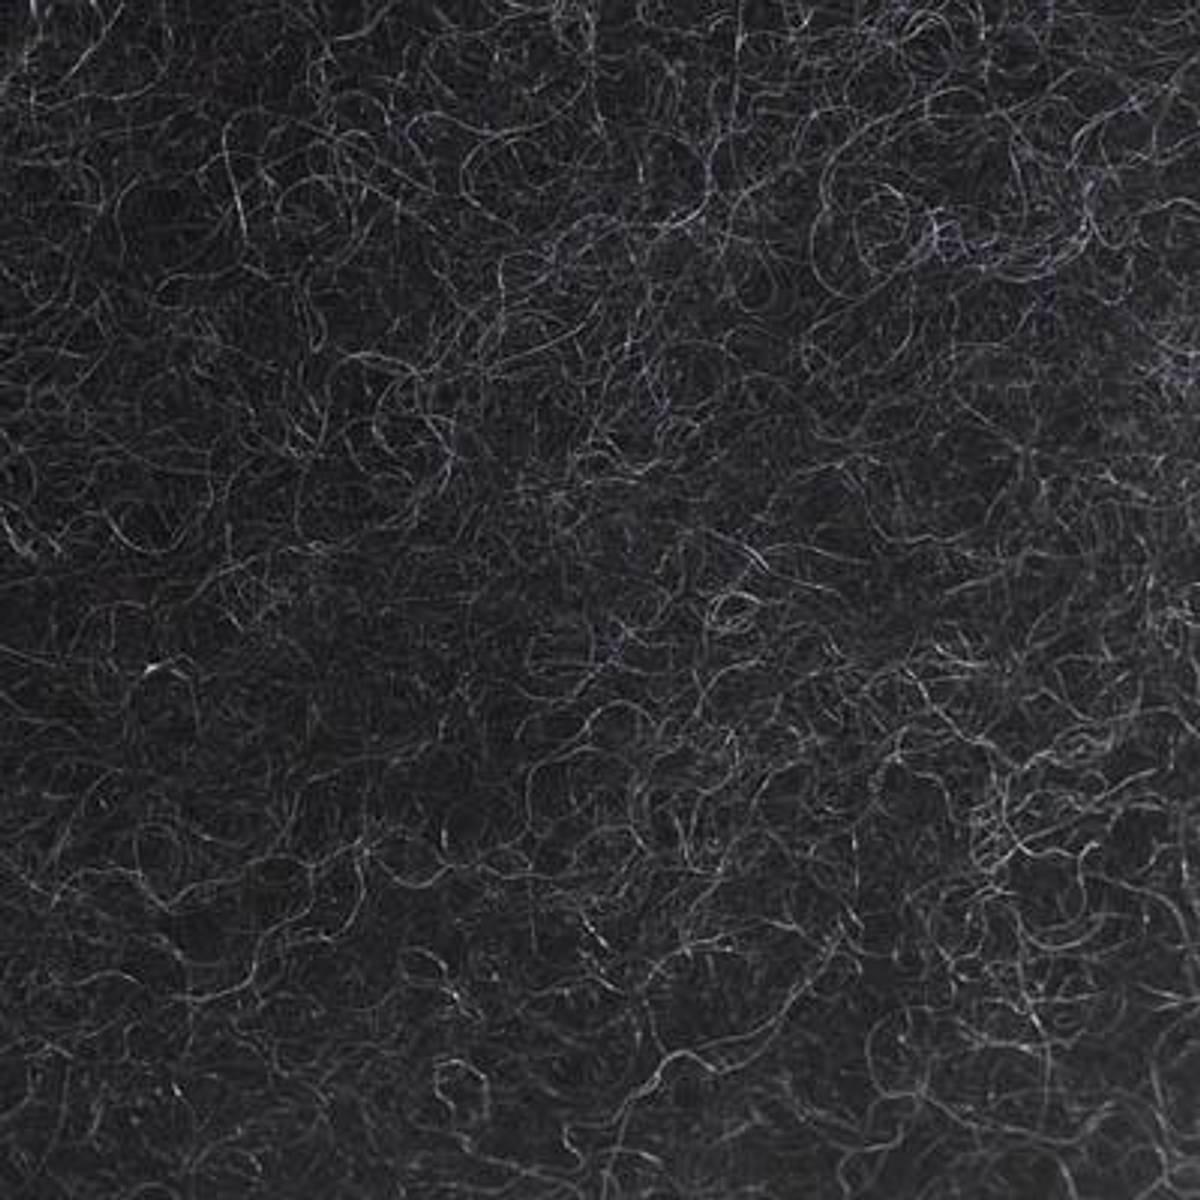 Kardet ull, koksgrå 100g